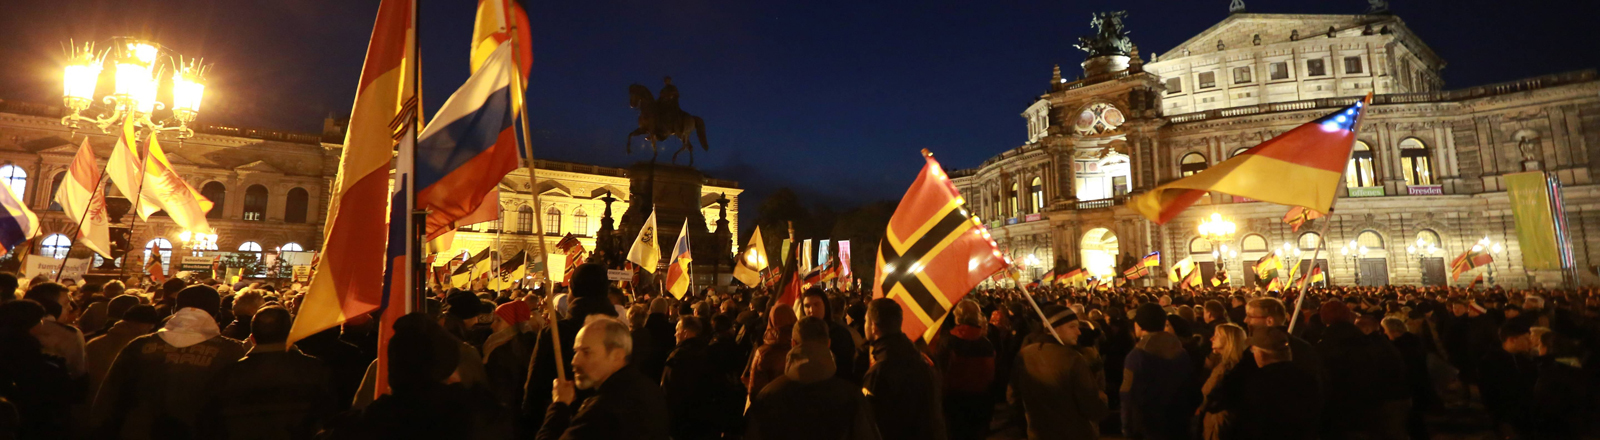 Pegida und Gegendemo am 12.10.2015 in Dresden.